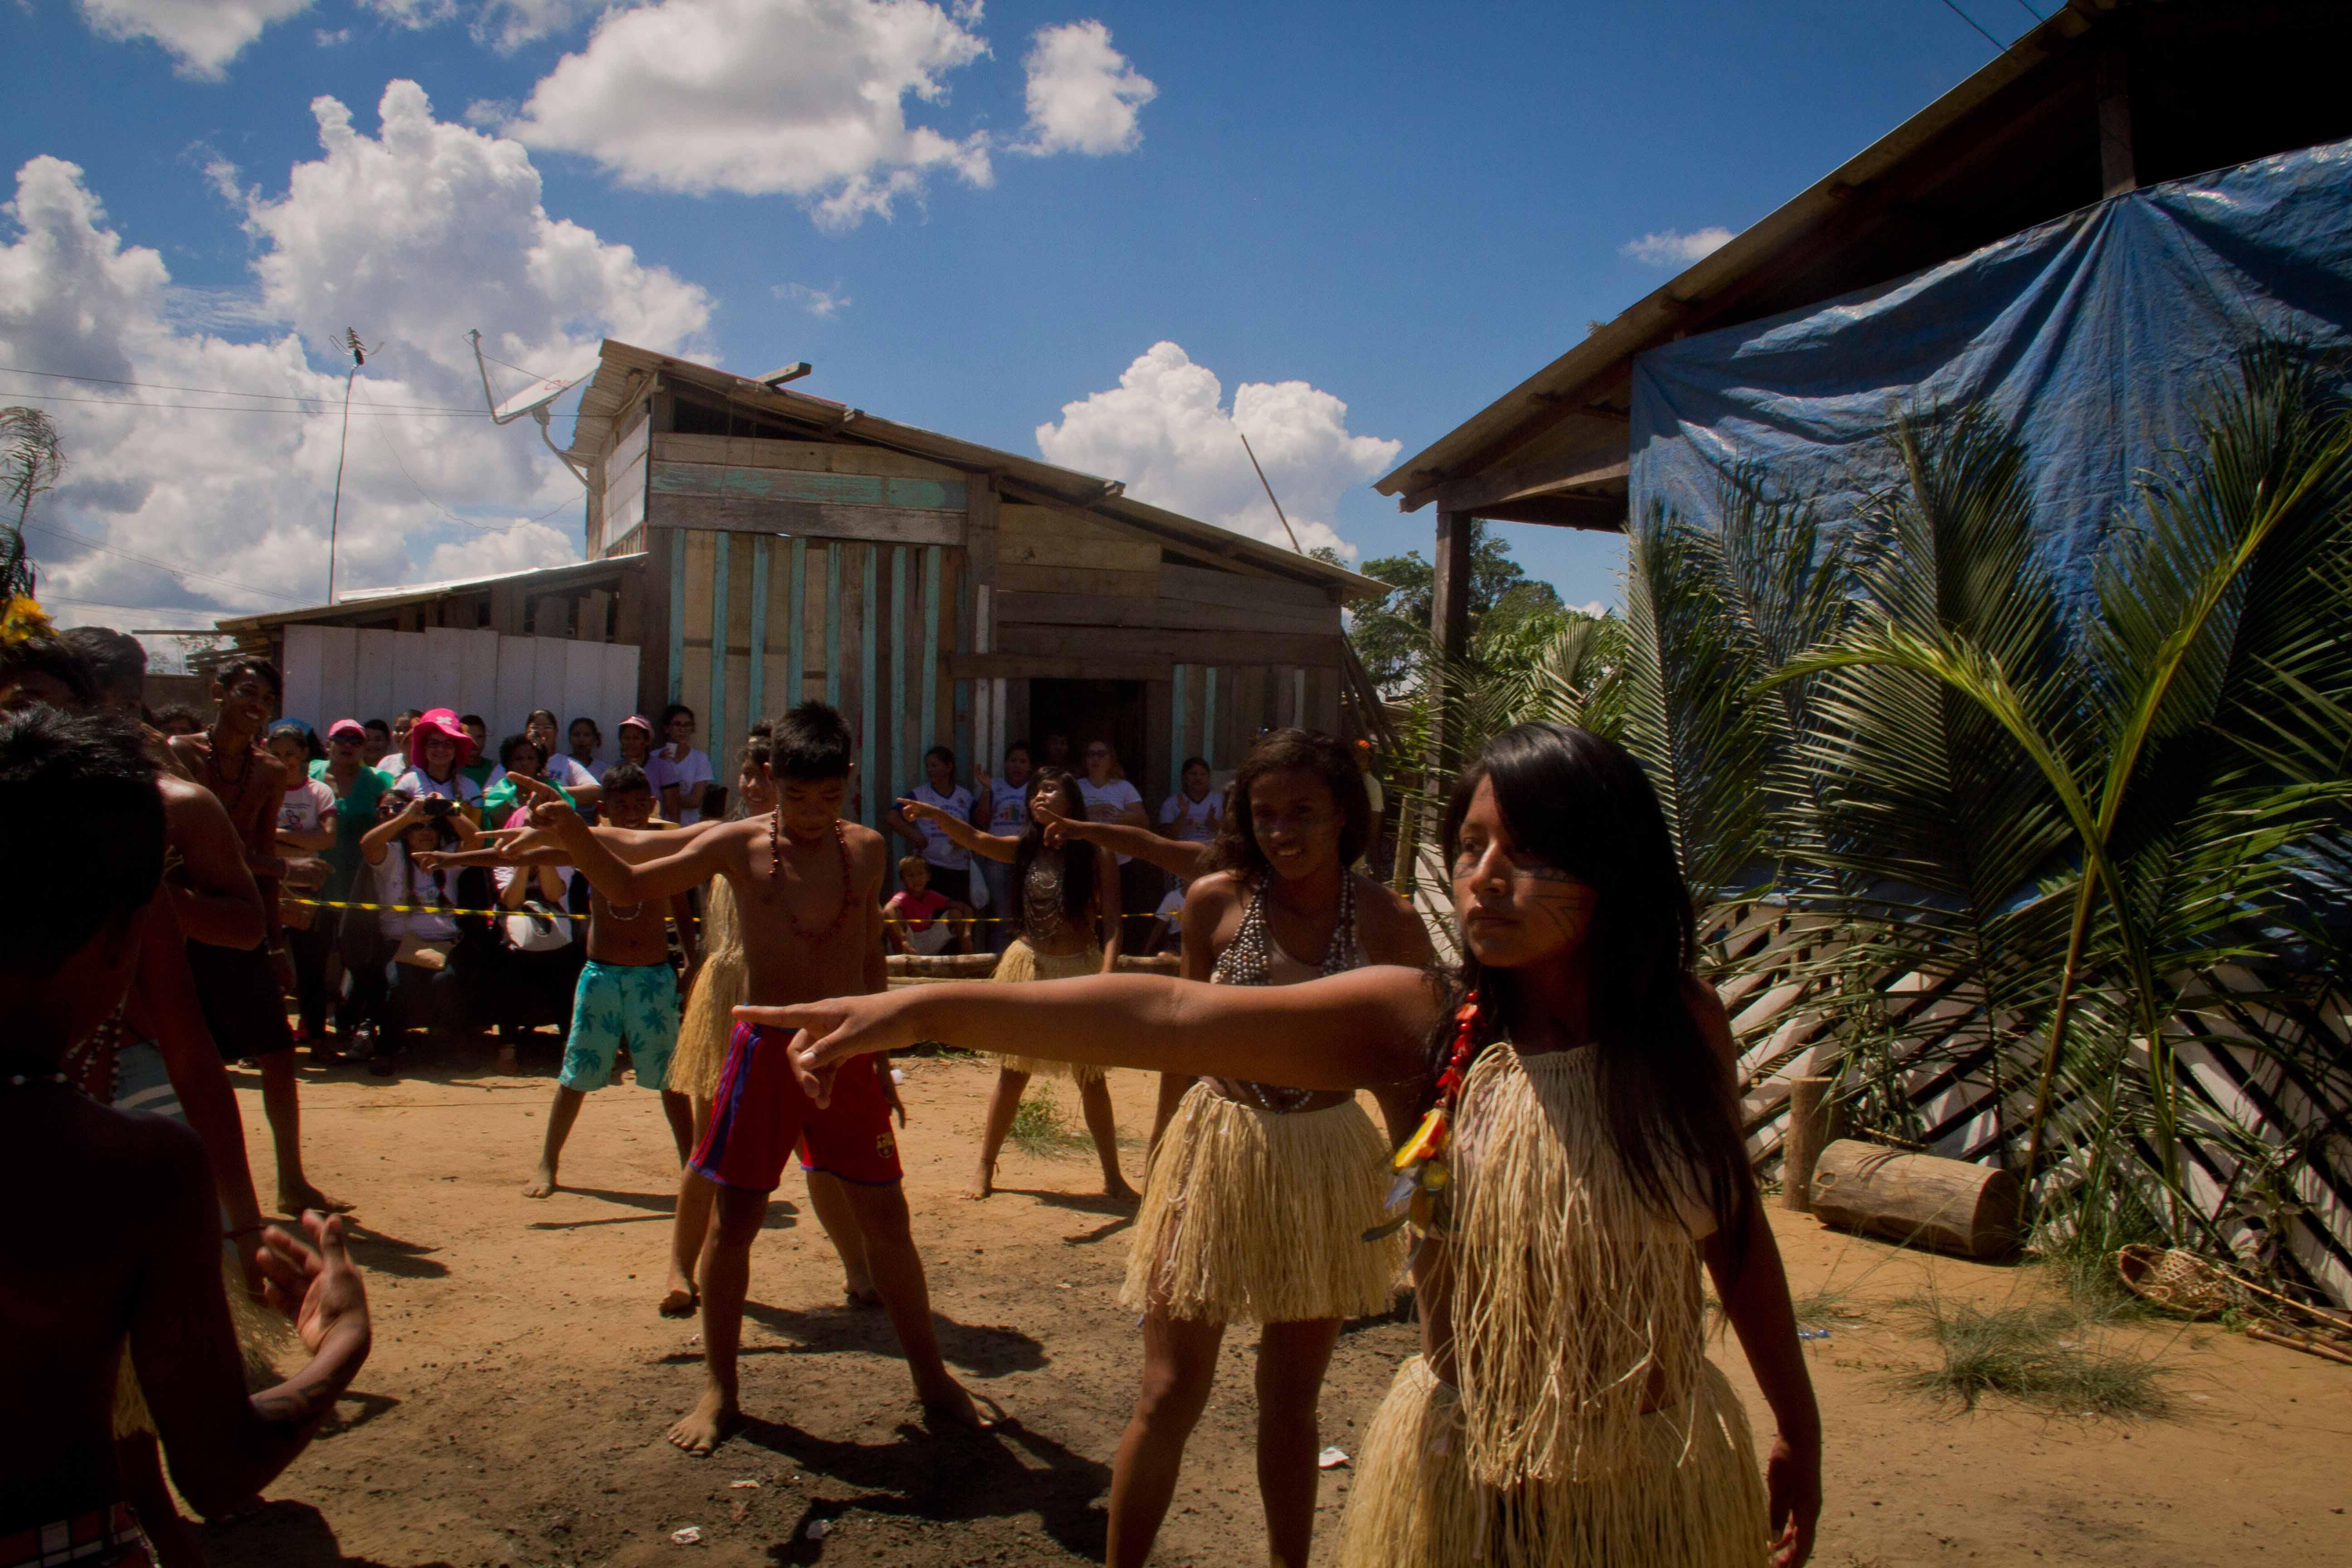 Empresário quer expulsar índios da ocupação Parque das Tribos para construir um Minha Casa, Minha Vida que não existe